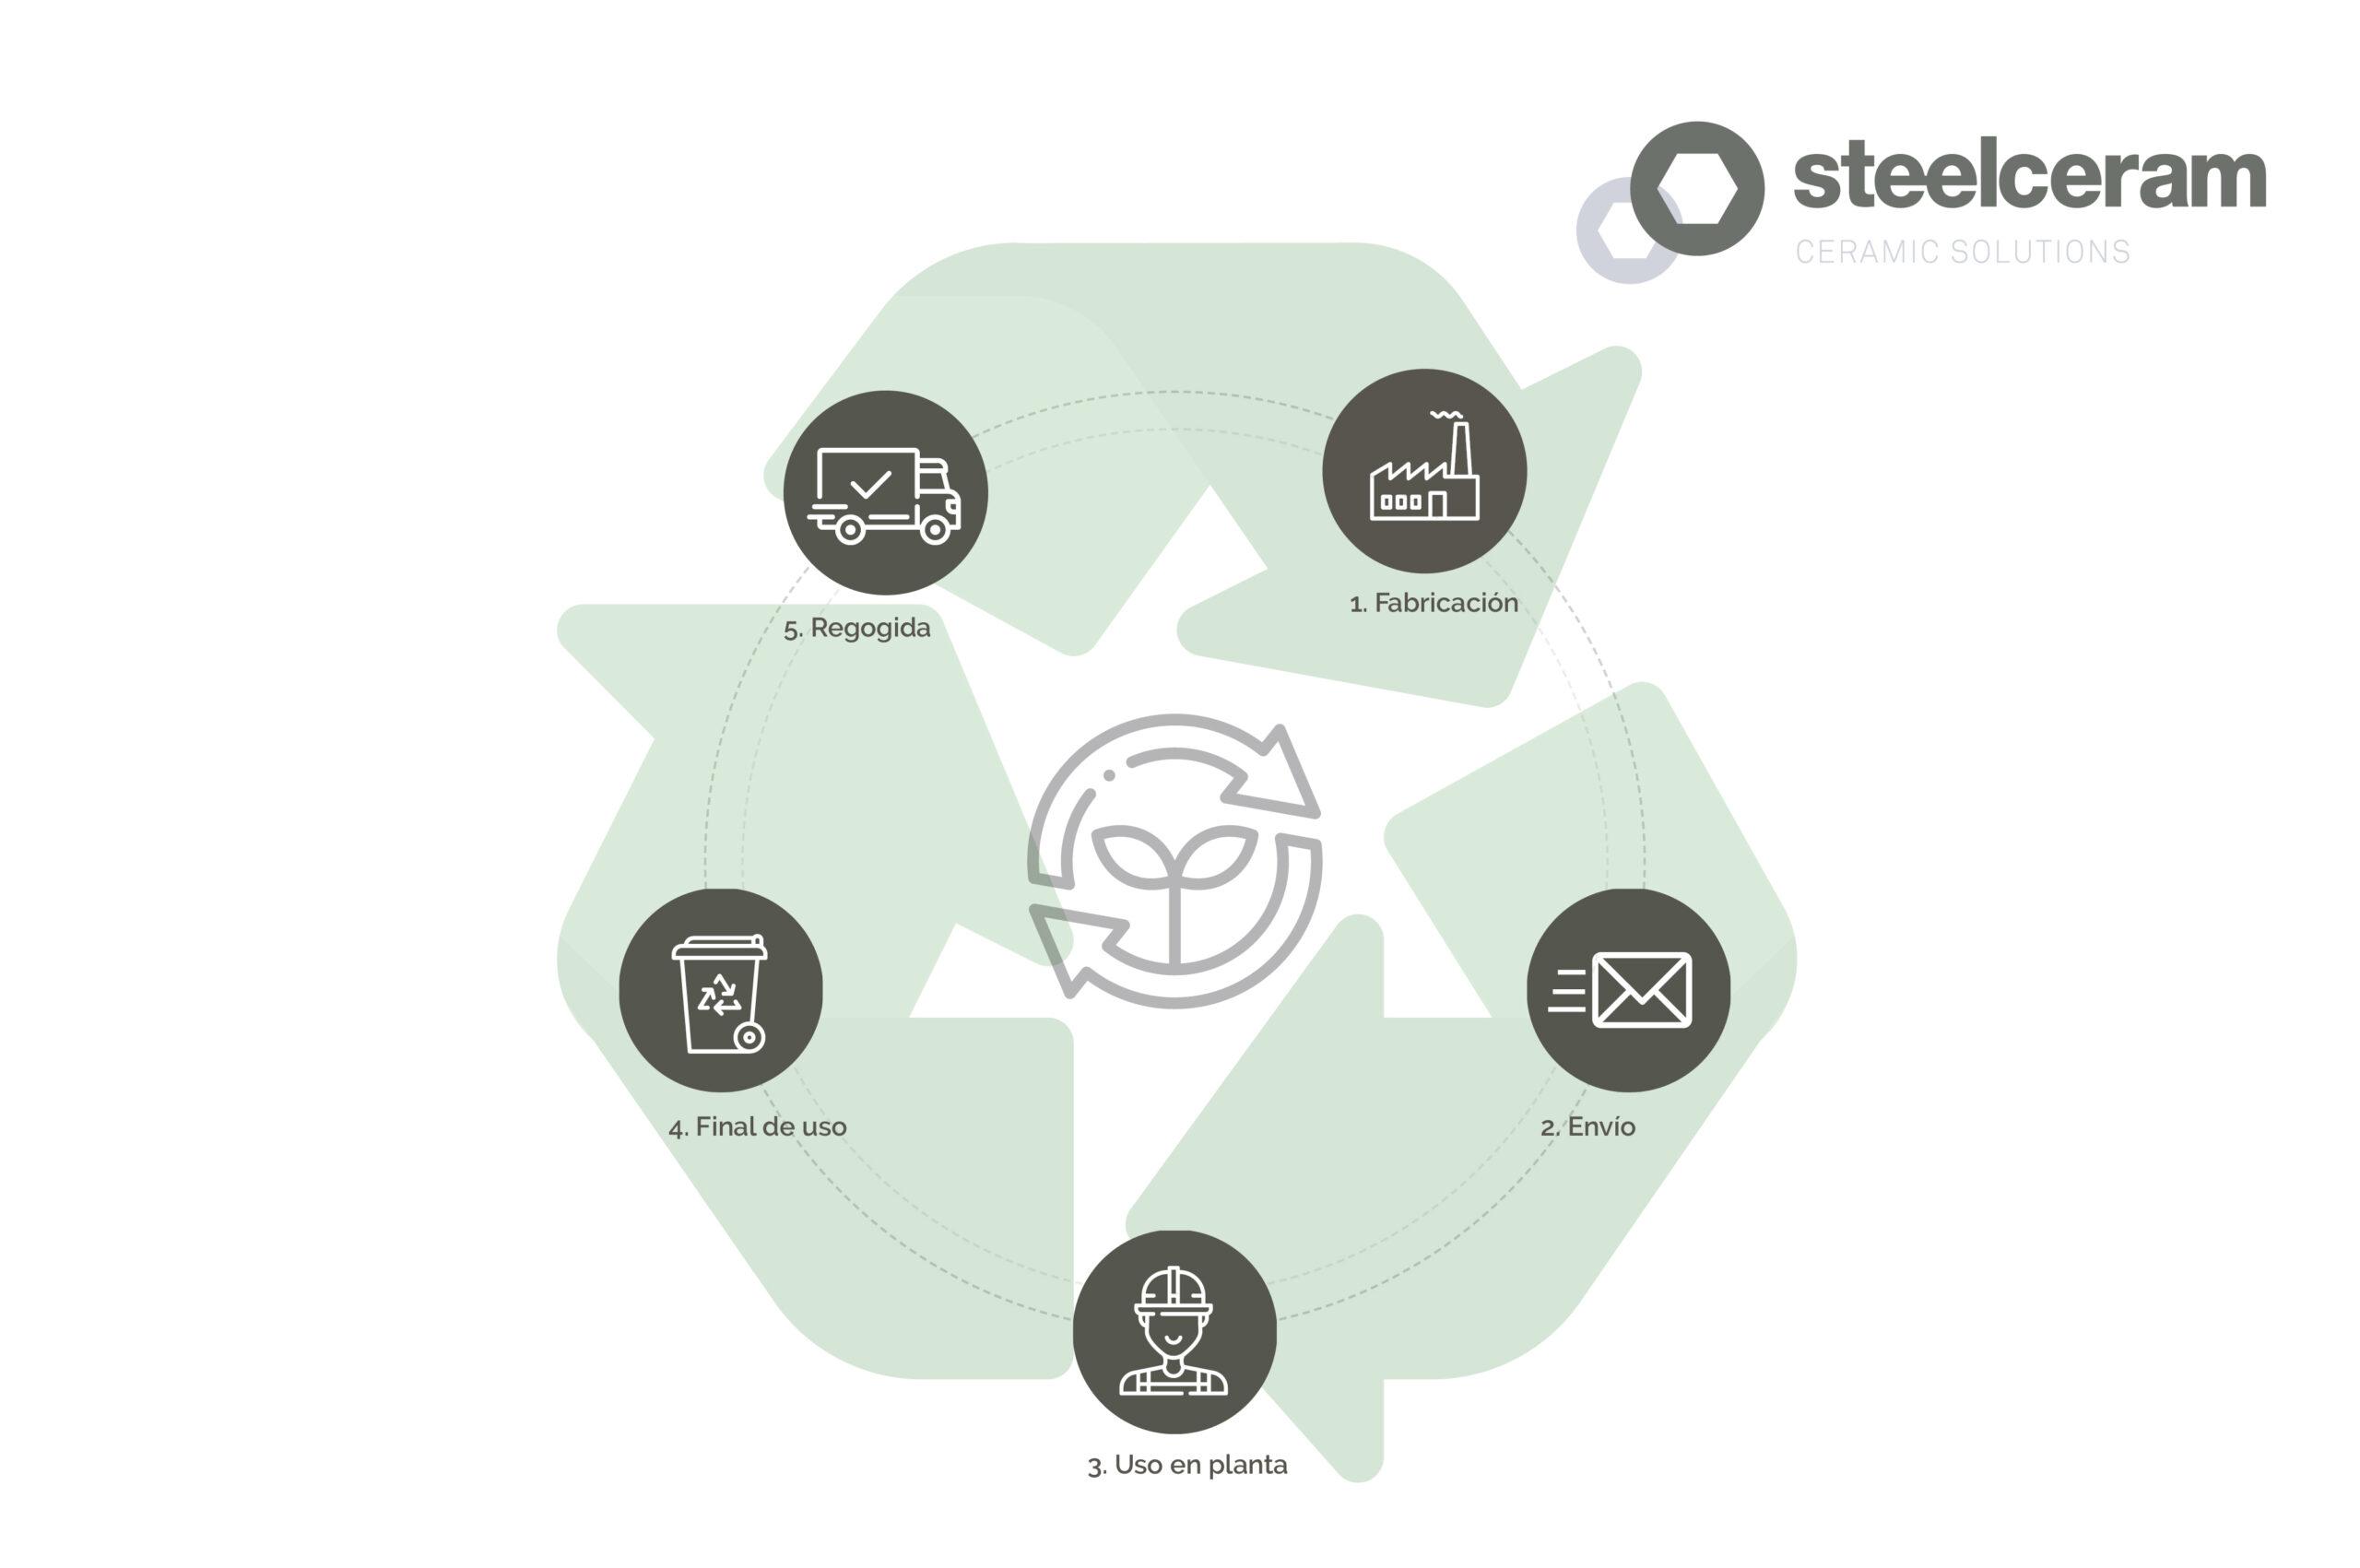 Steelceram Se Une Al Proyecto De Economía Circular